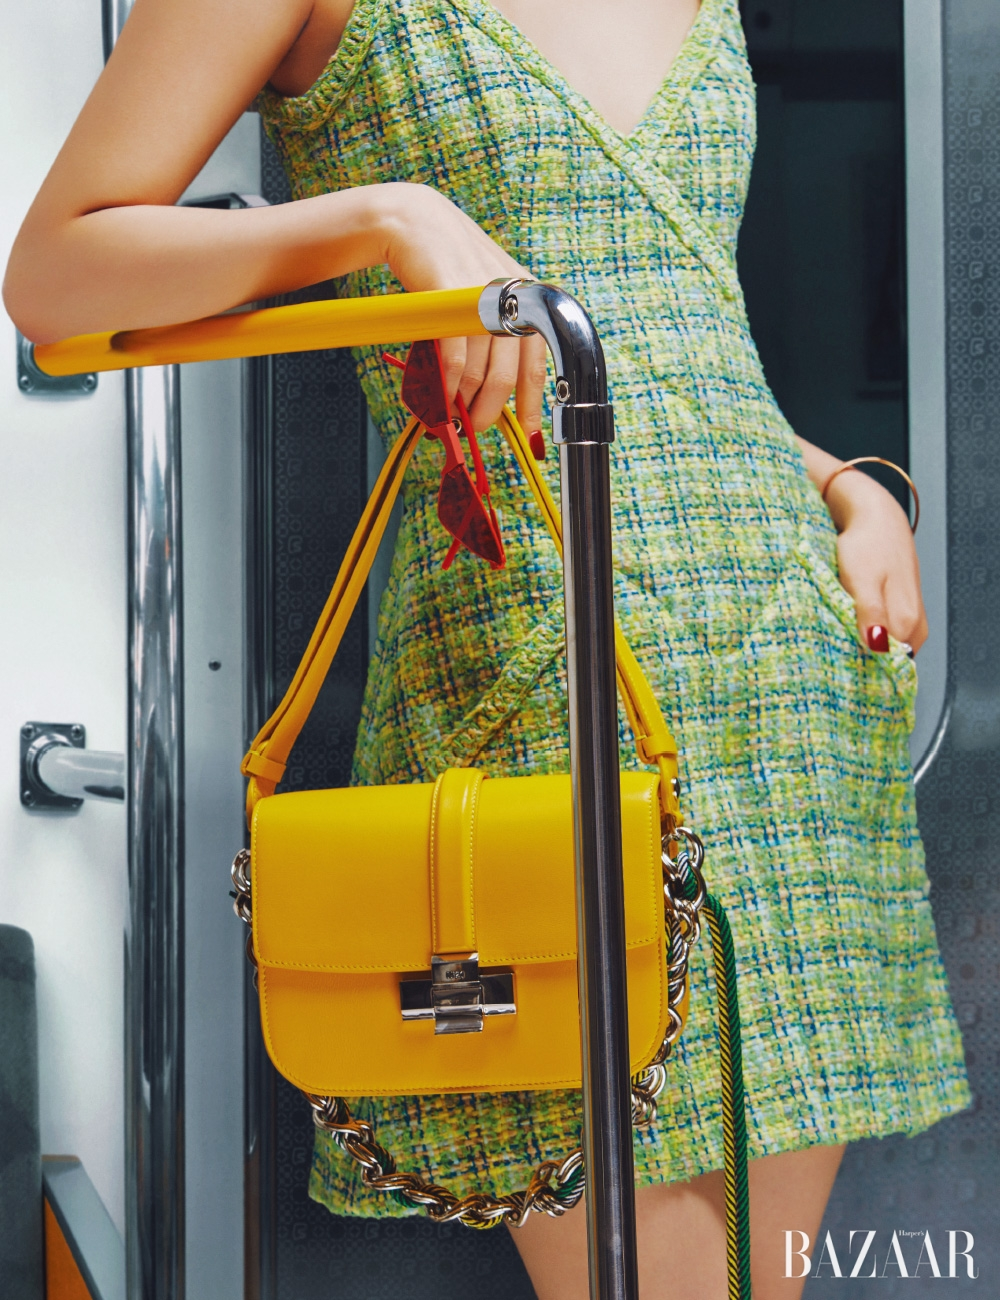 점프수트는 가격 미정 Chanel, 선글라스는 32만원 Gentle Monster, 숄더백은 2백만원 N°21, 뱅글은 가격 미정 Hermès.